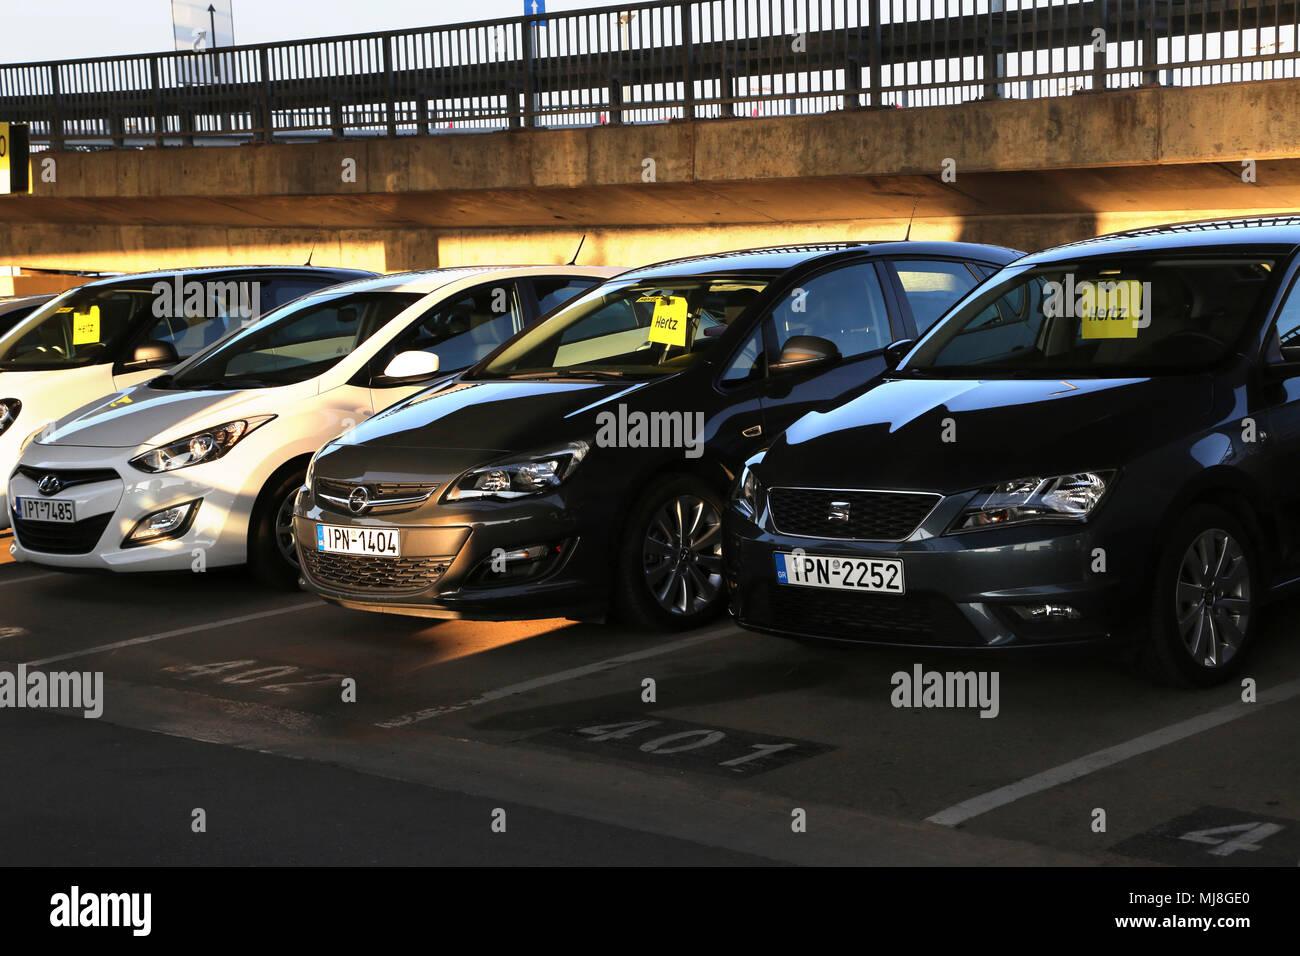 Car Rental Stock Photos Car Rental Stock Images Alamy